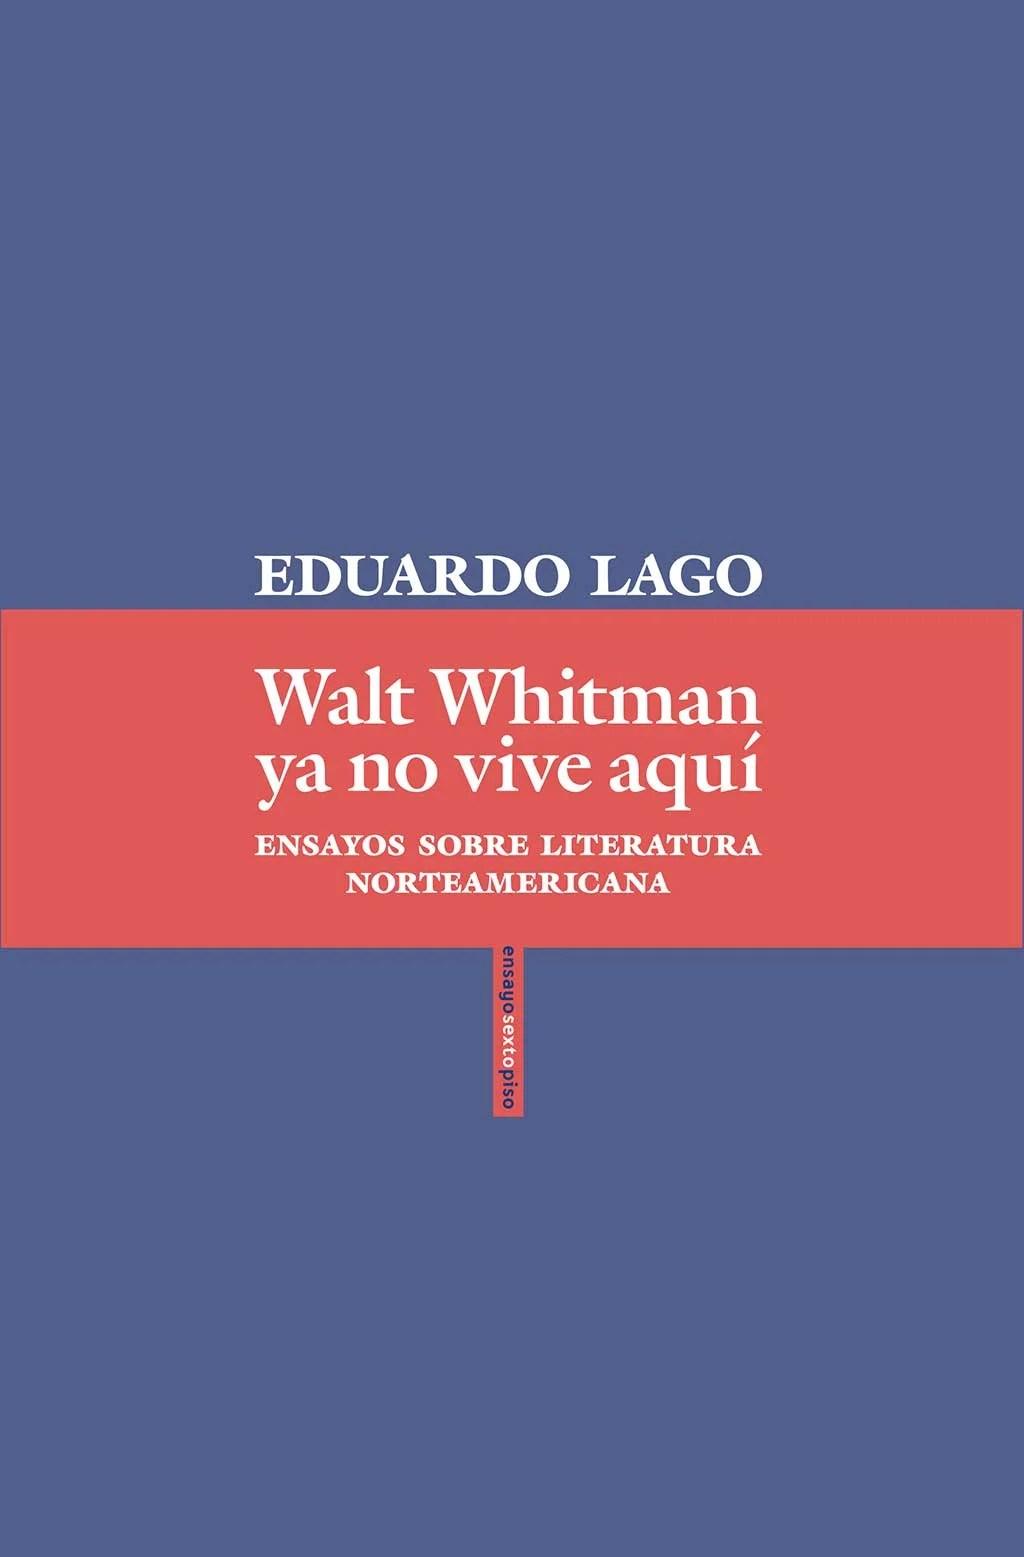 Eduardo-Lago-Walt-Whitman-ya-no-vive-aquí_alta